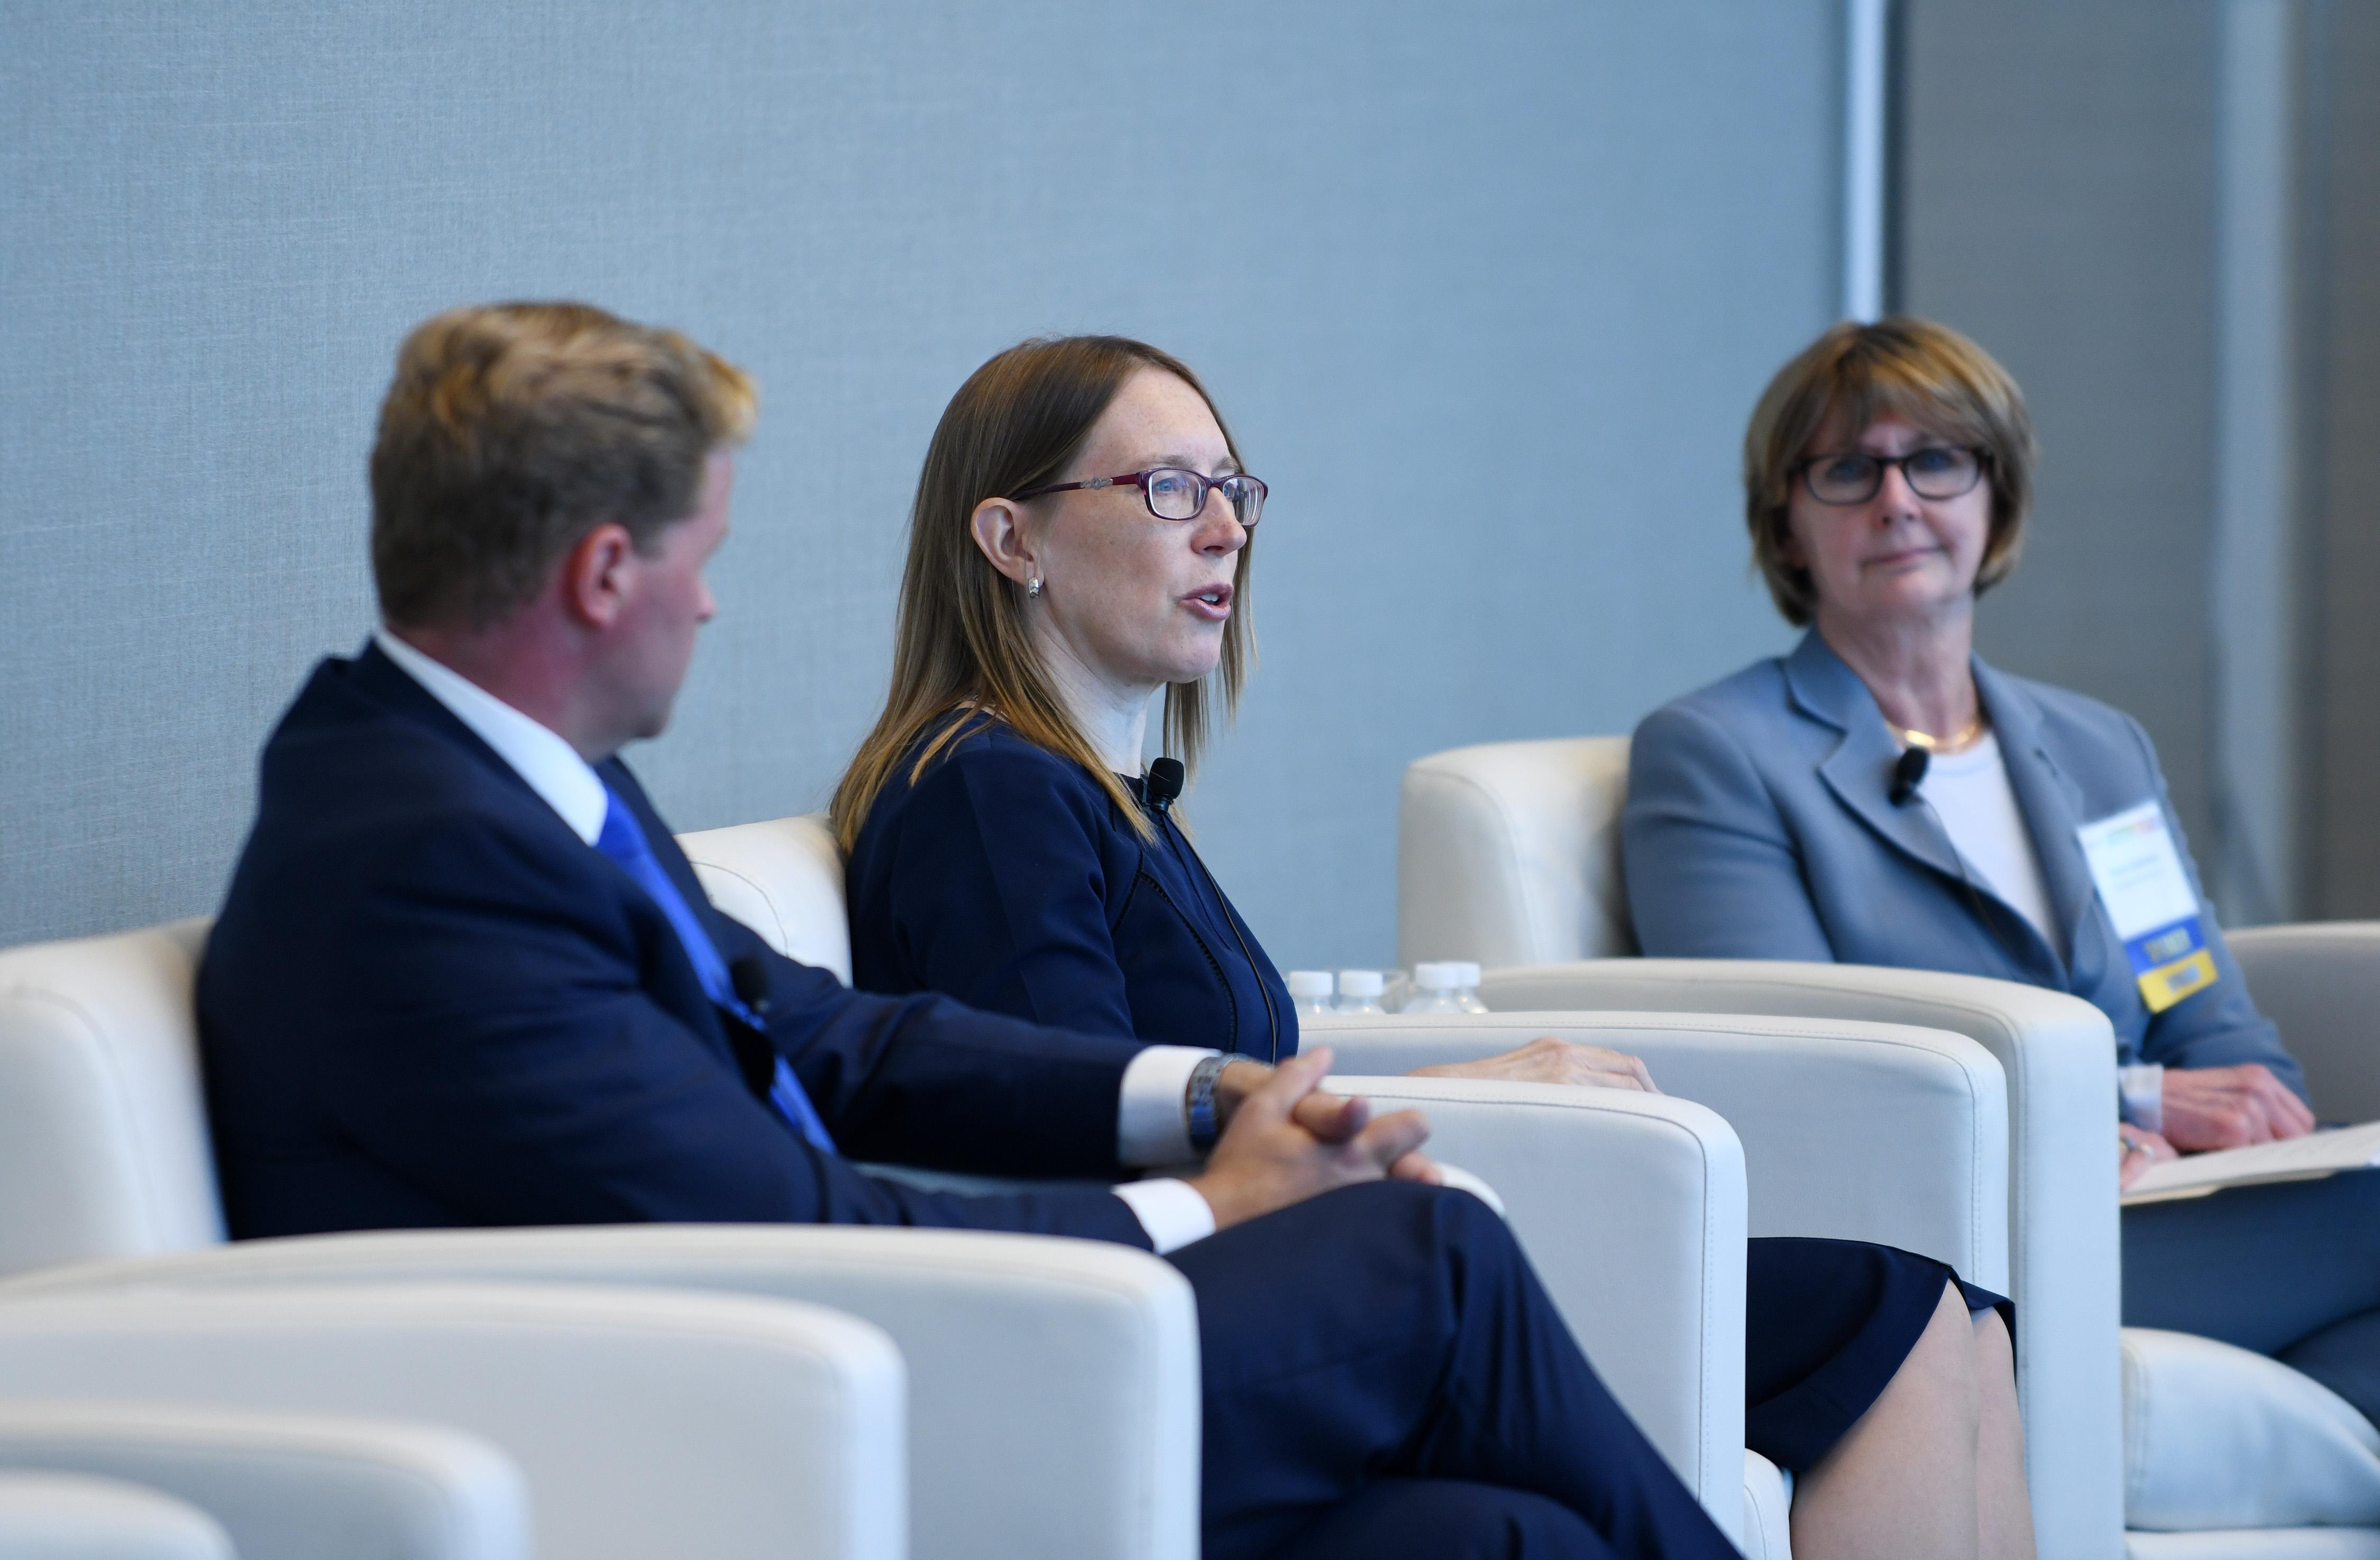 SEC Commissioner Hester Peirce, 2019 SIFMA-BPI Prudential Regulation Conference